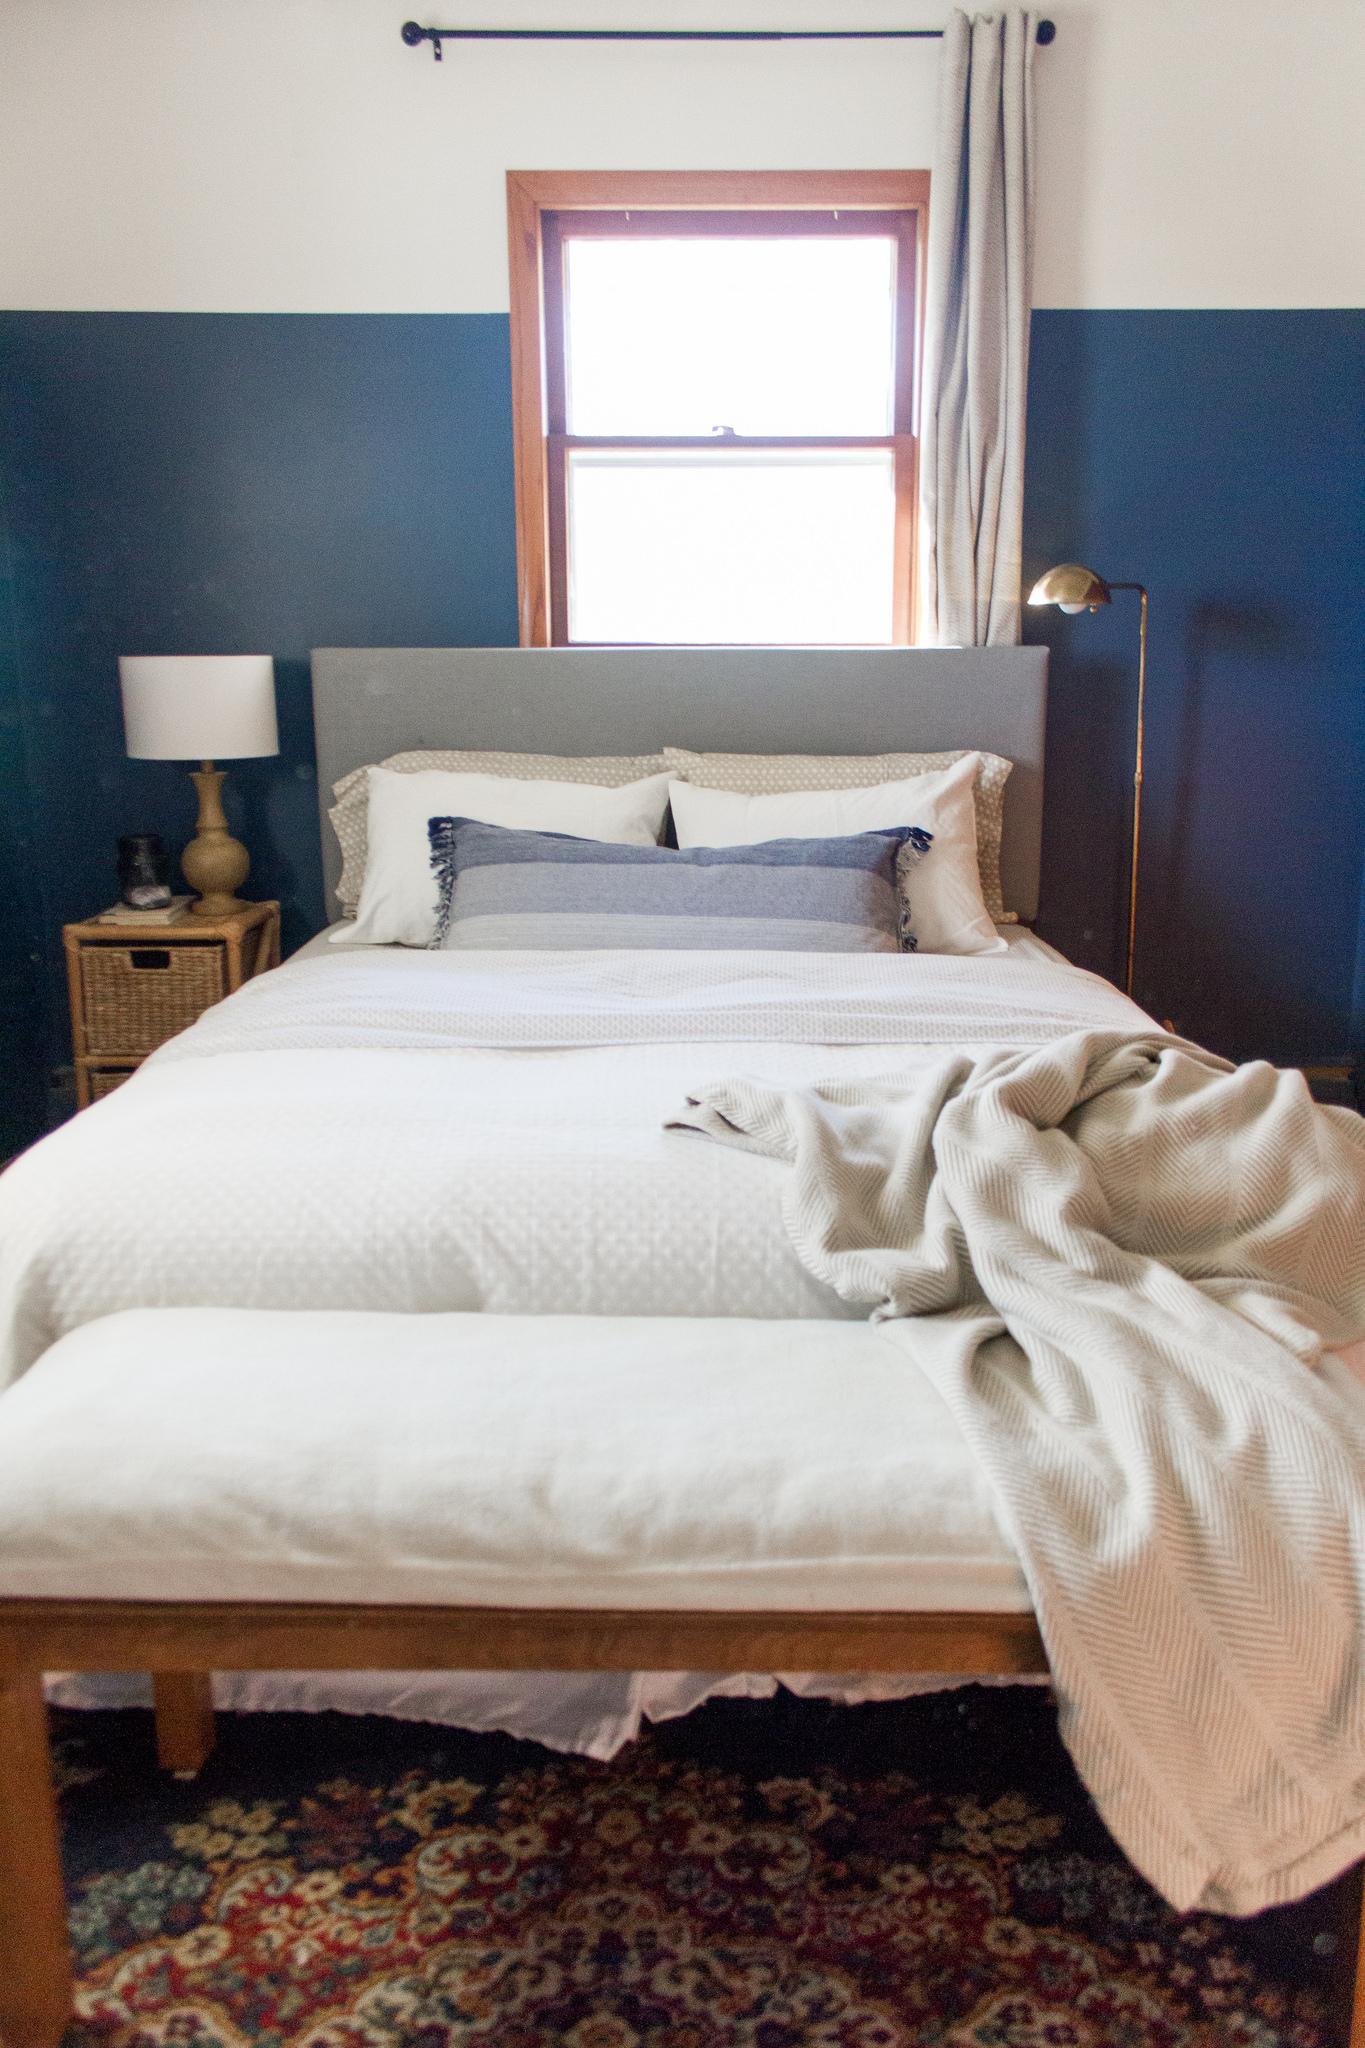 Bedroom_bed.jpg